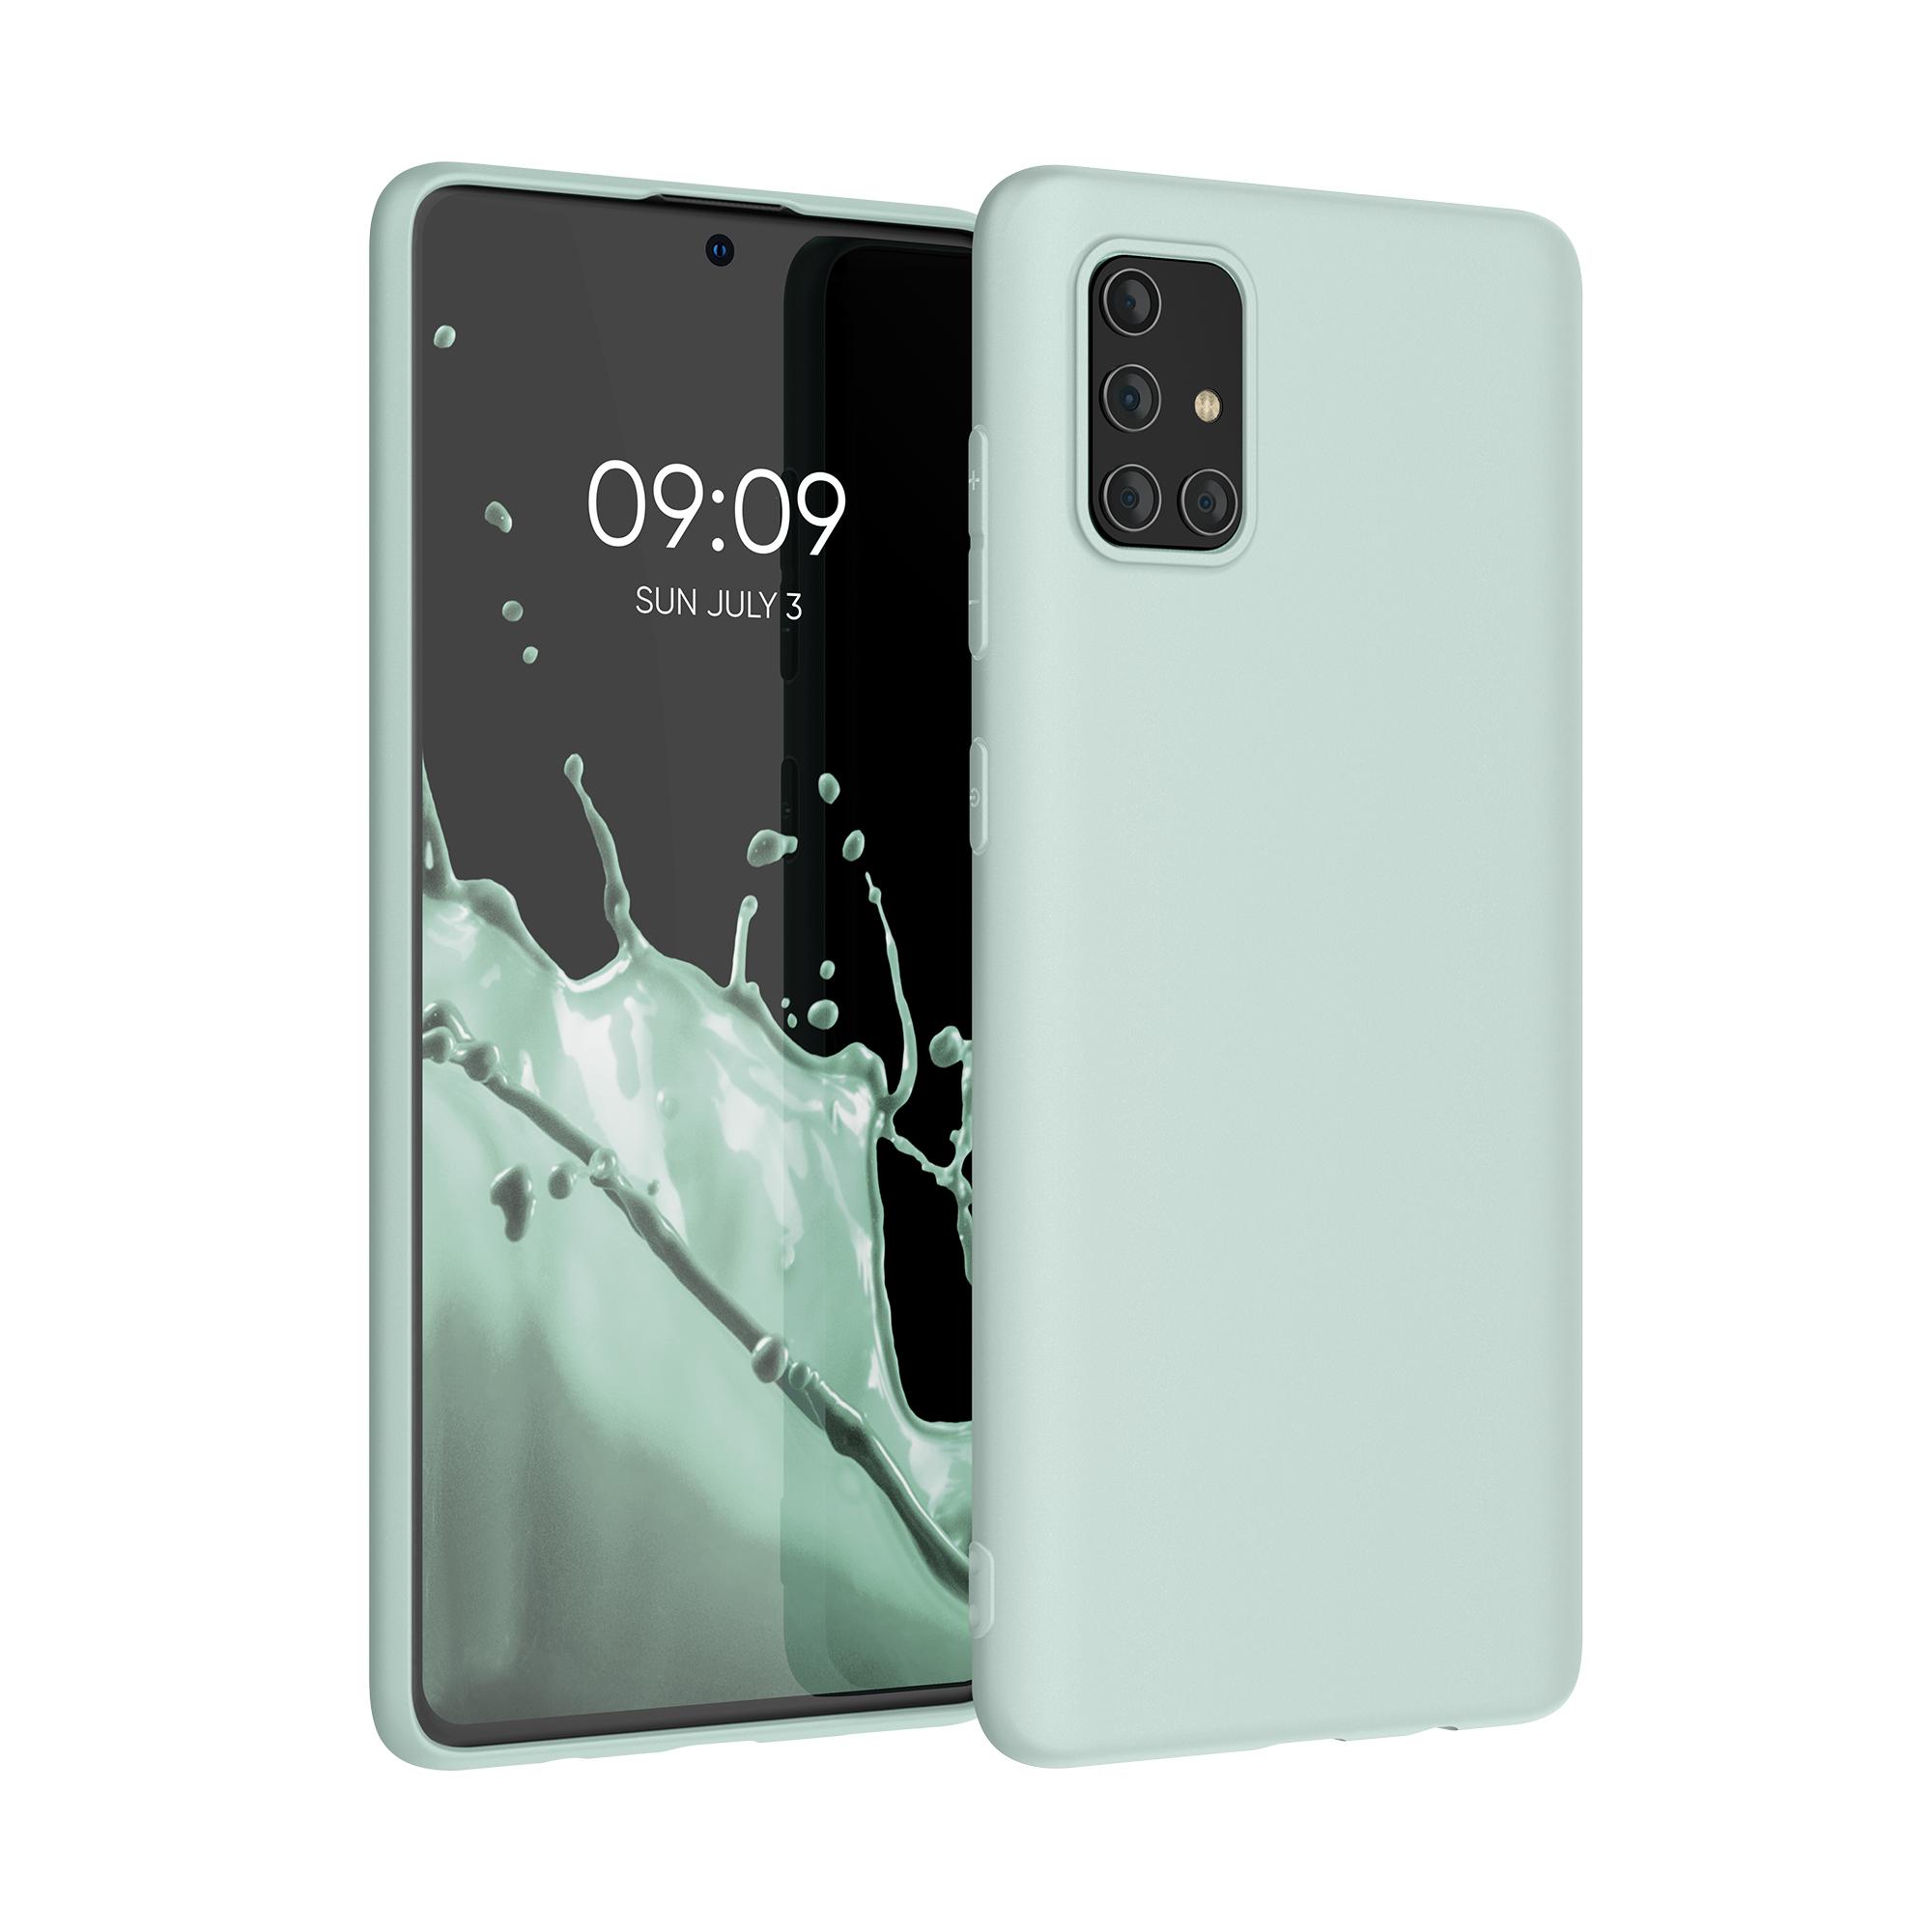 Kvalitní silikonové TPU pouzdro pro Samsung A71 - Frosty mint